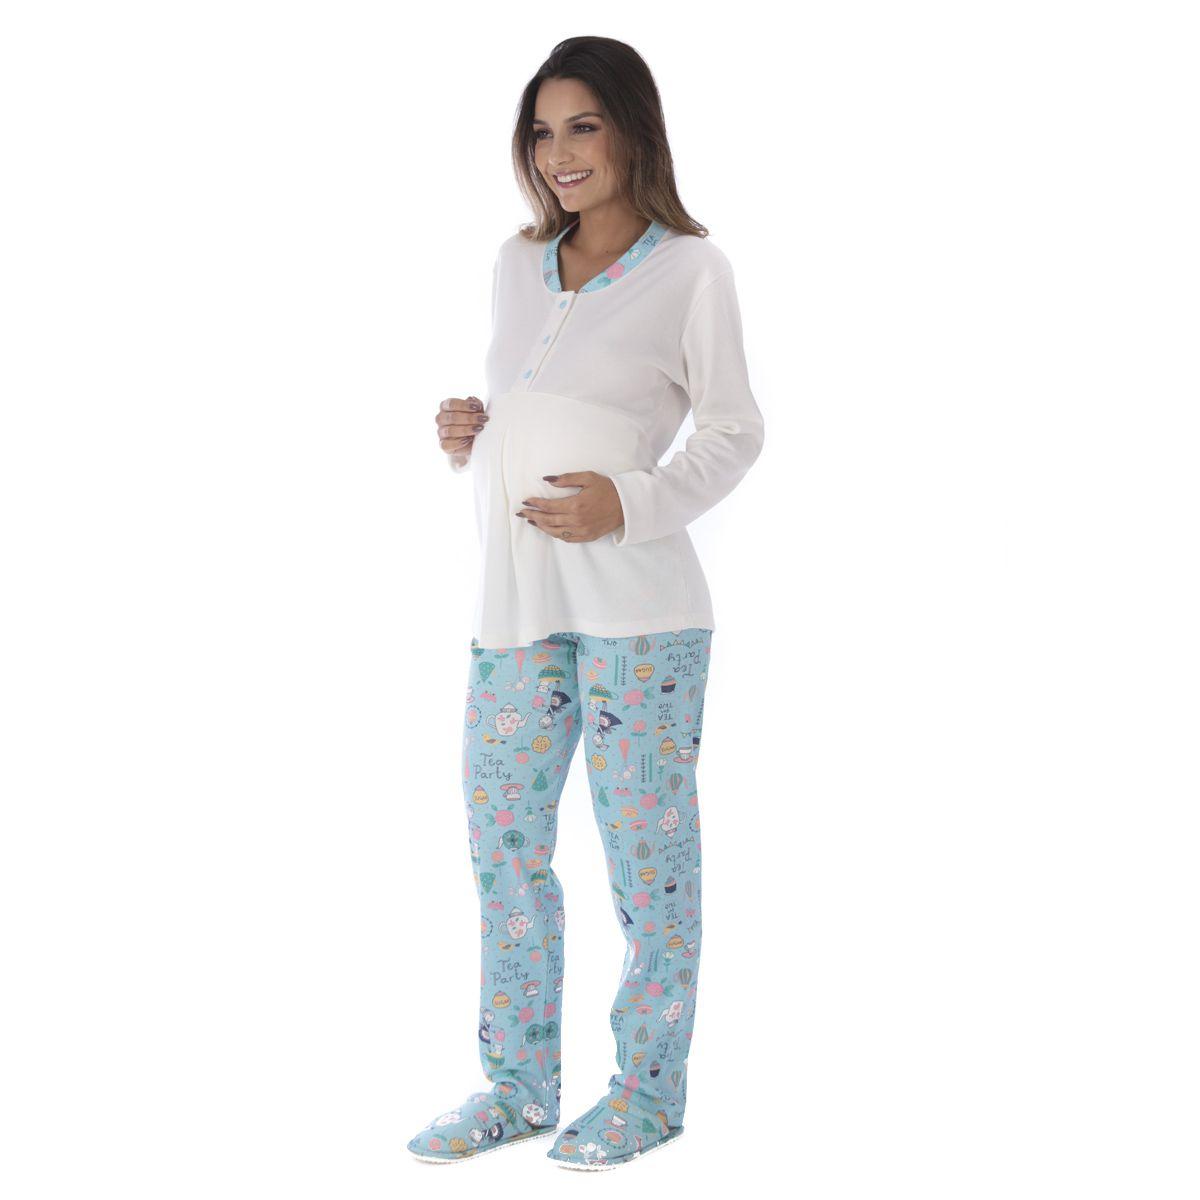 Pijama feminino inverno gestante ESPECIAL Victory